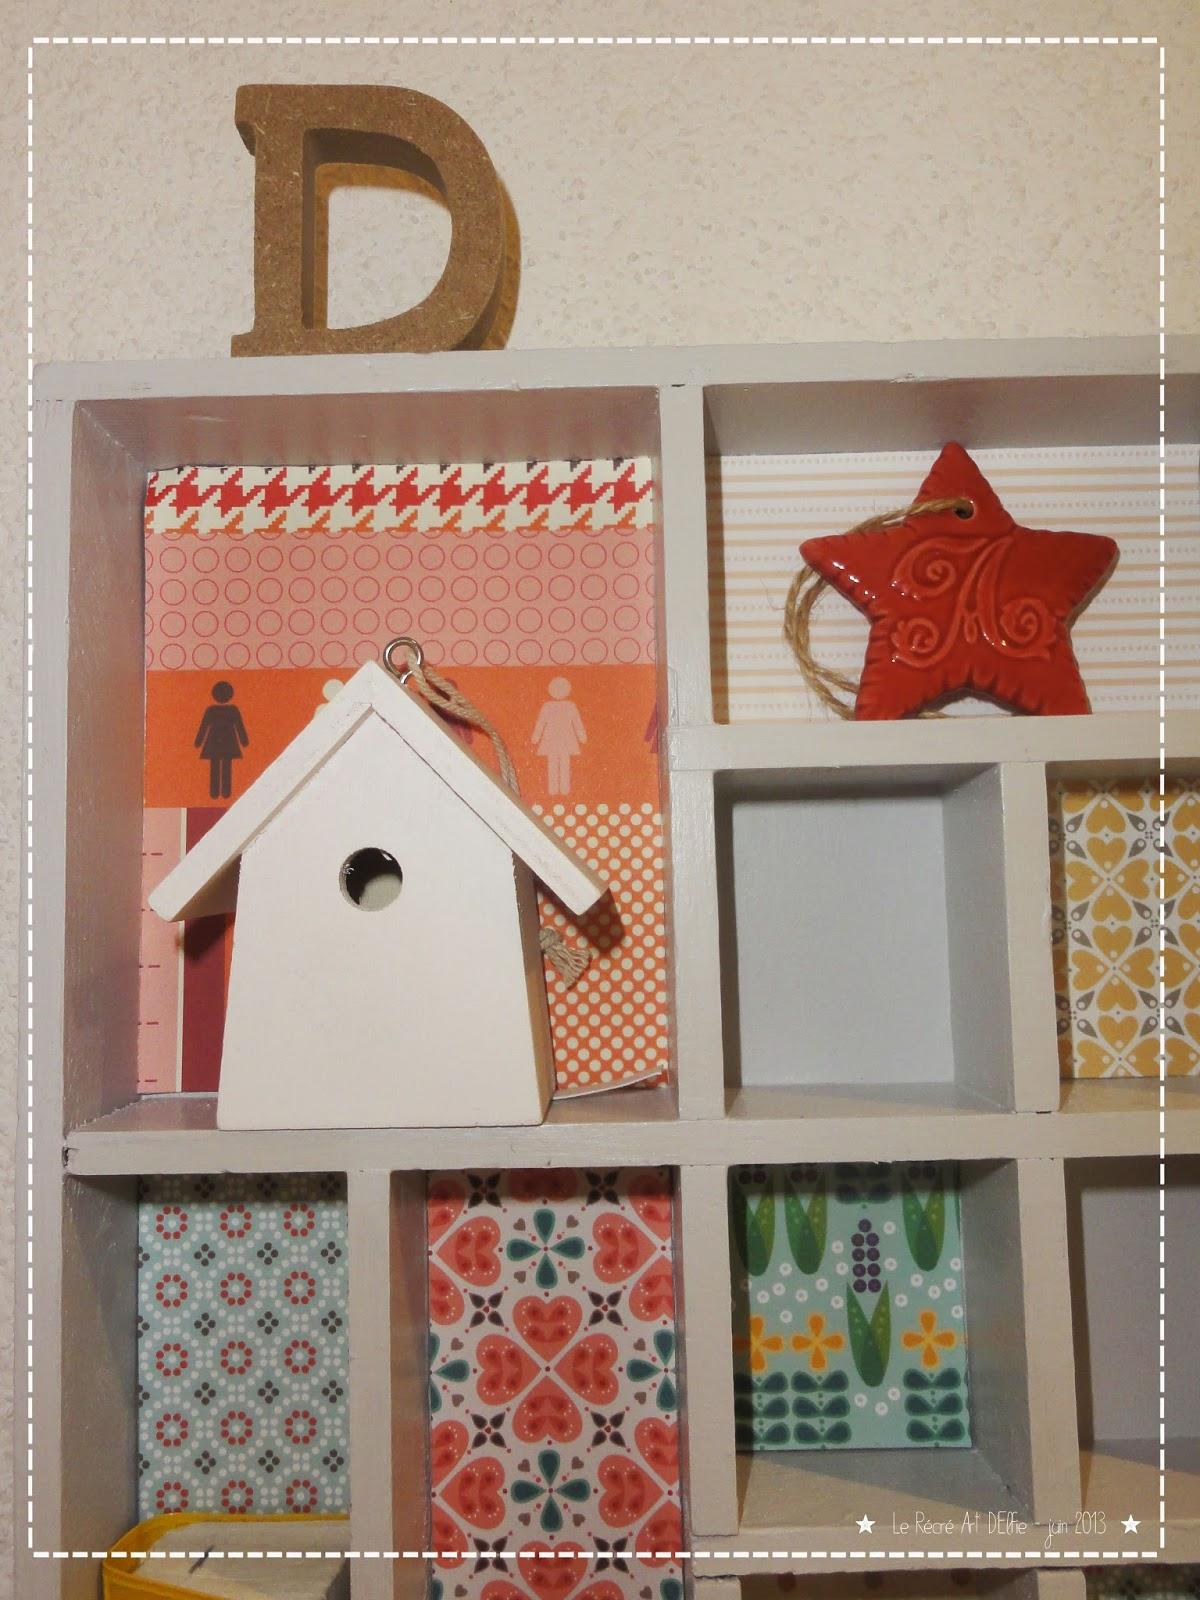 le r cr art delfie diy mini tag re pour minis objets. Black Bedroom Furniture Sets. Home Design Ideas